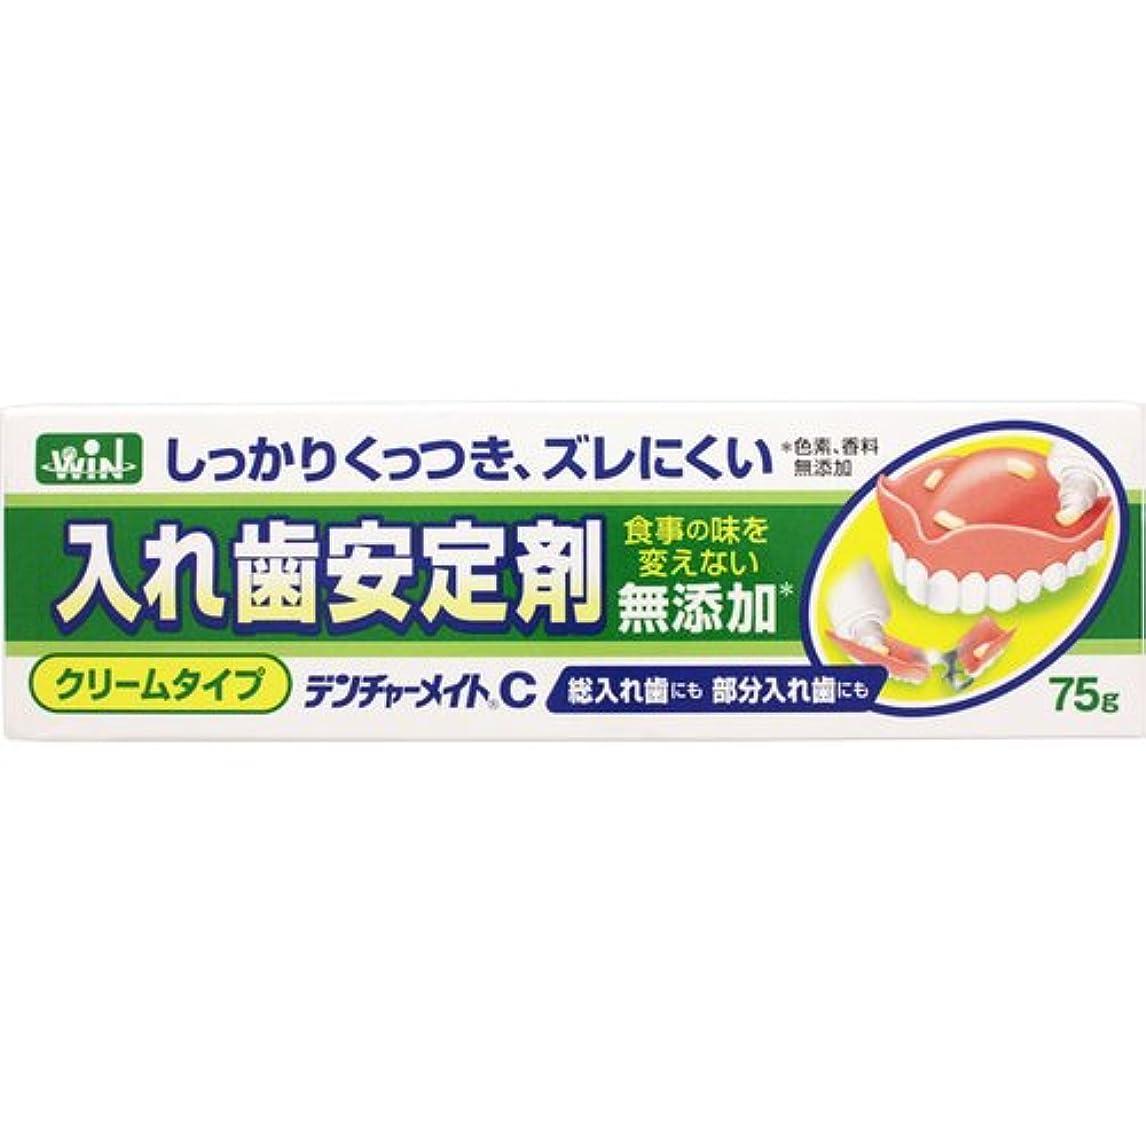 絶え間ない鎮静剤信じられない入れ歯安定剤 無添加 デンチャーメイトC クリームタイプ 75g